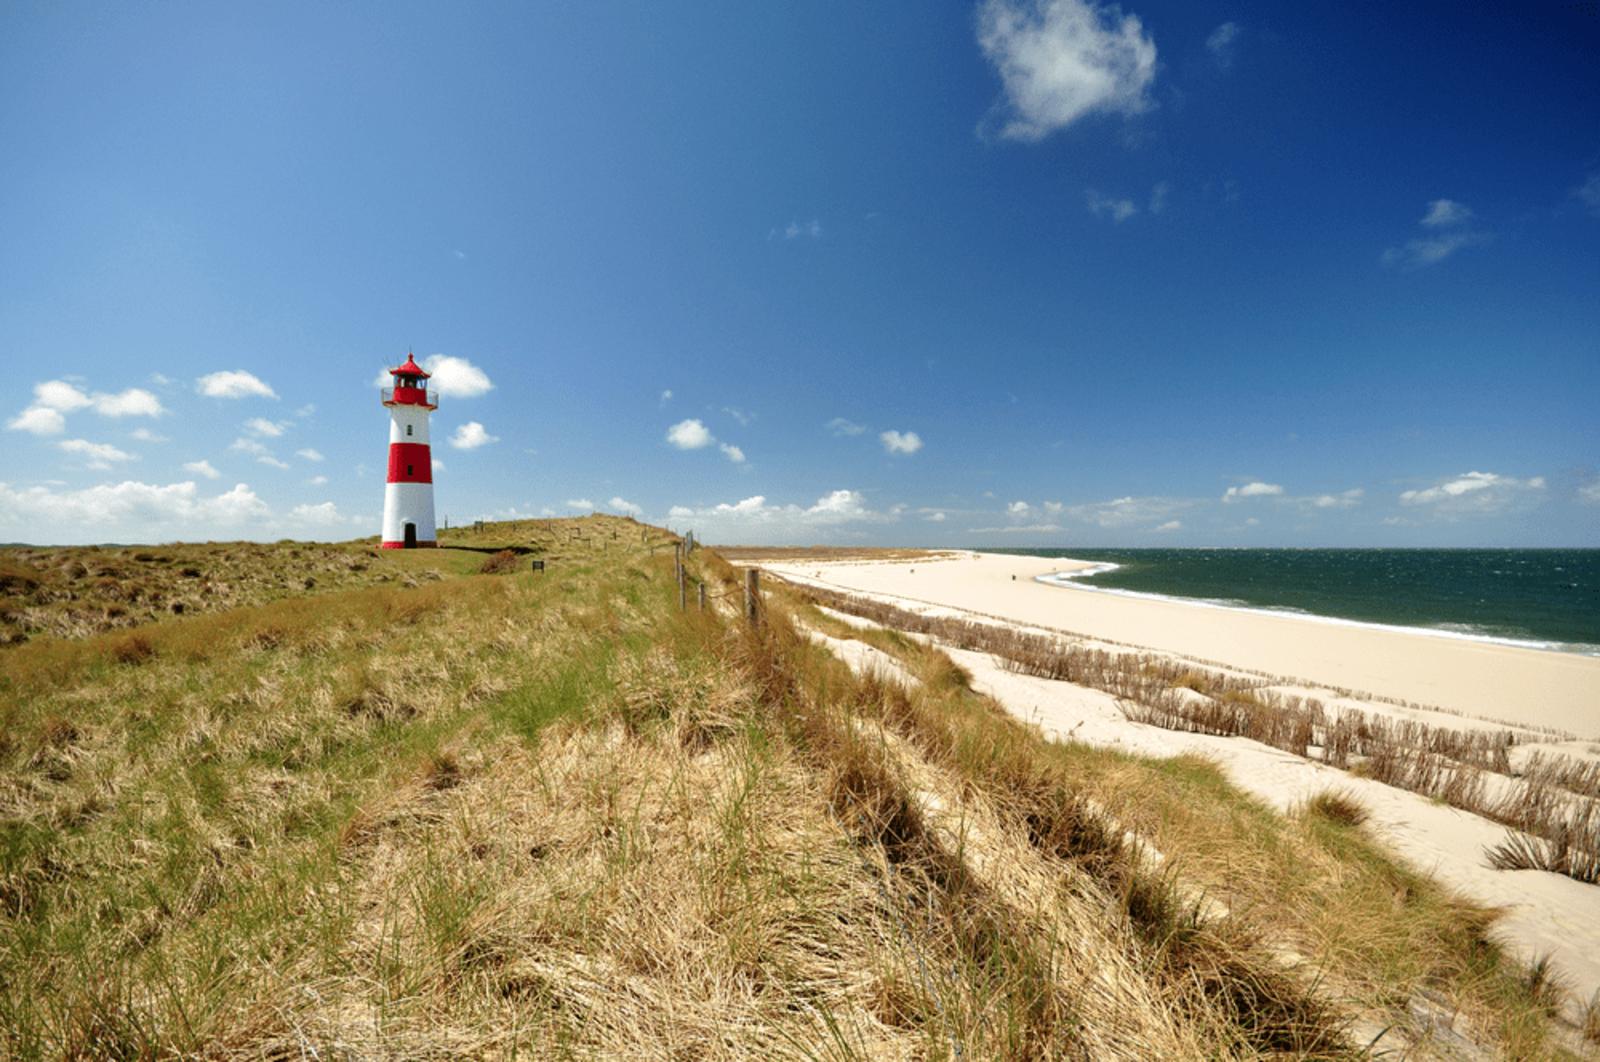 Leuchtturm am Strand der Nordsee